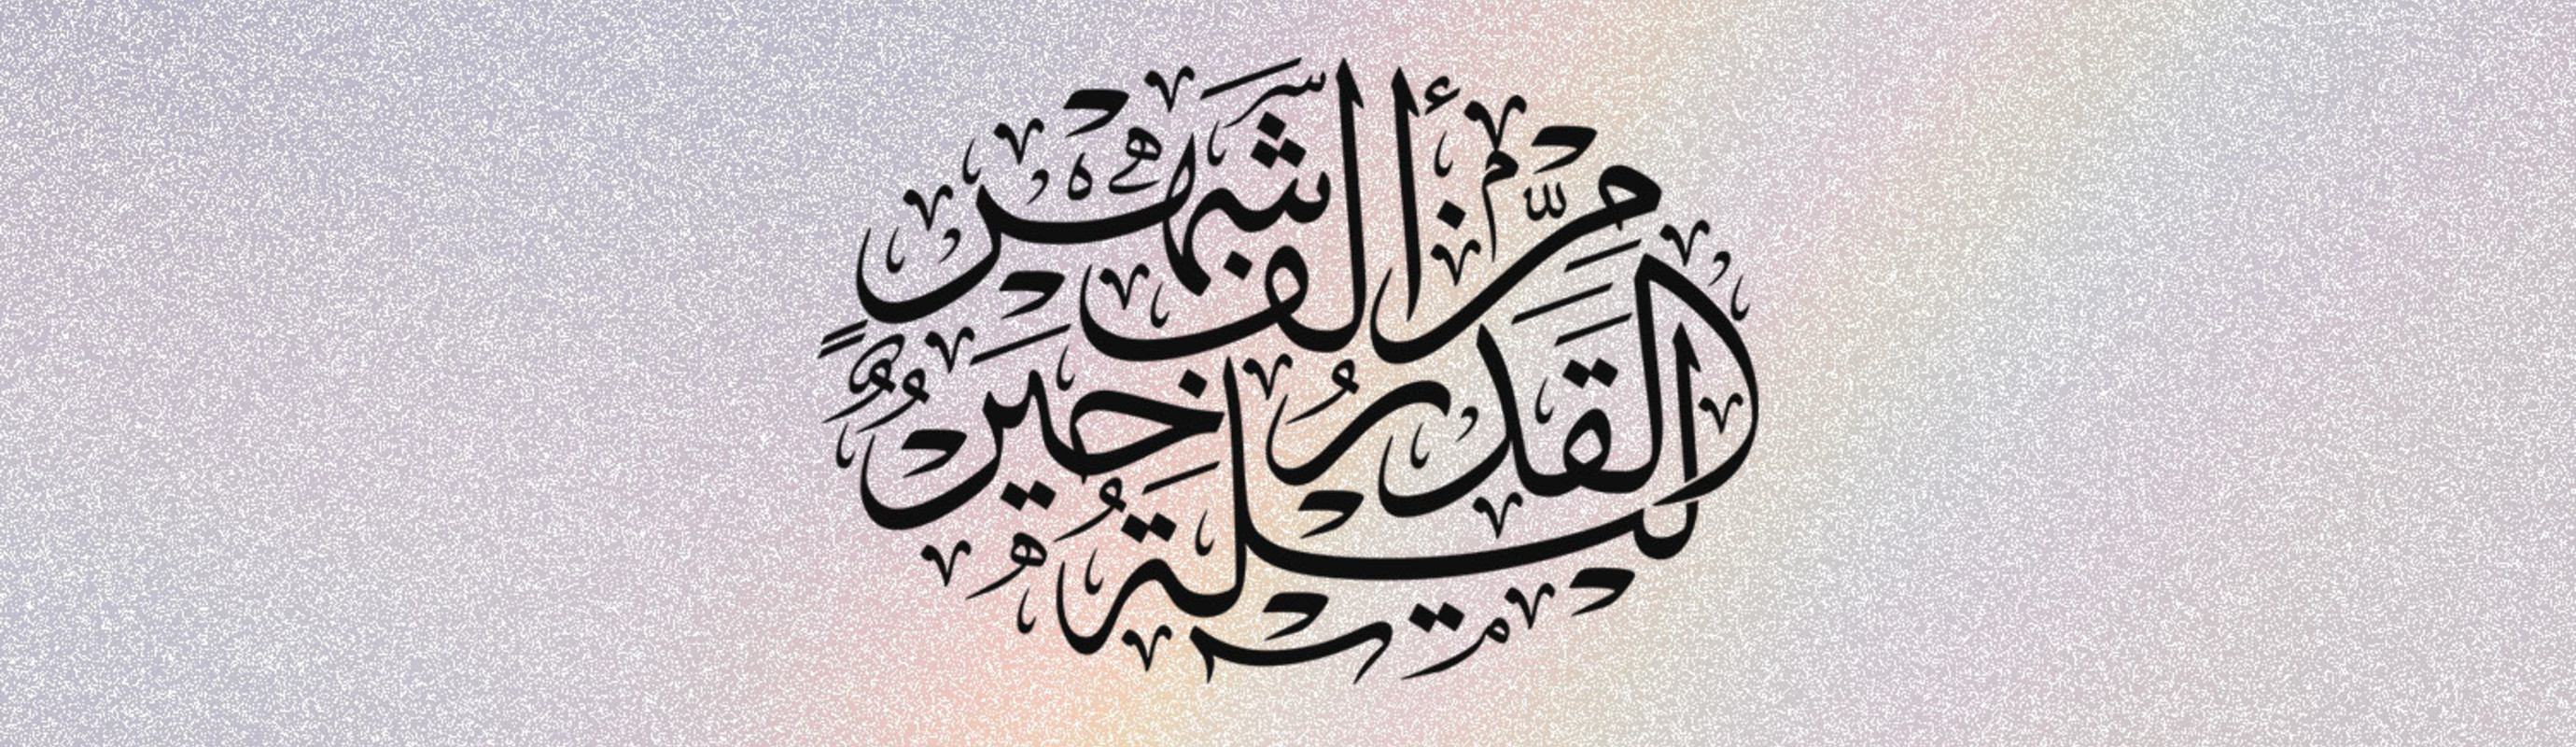 De  vooravond van 23 Ramadhan 2019, een mogelijke ´Laylat al-Qadr´, opname van het programma door Seyedzyaoddin Salehi Khansari.